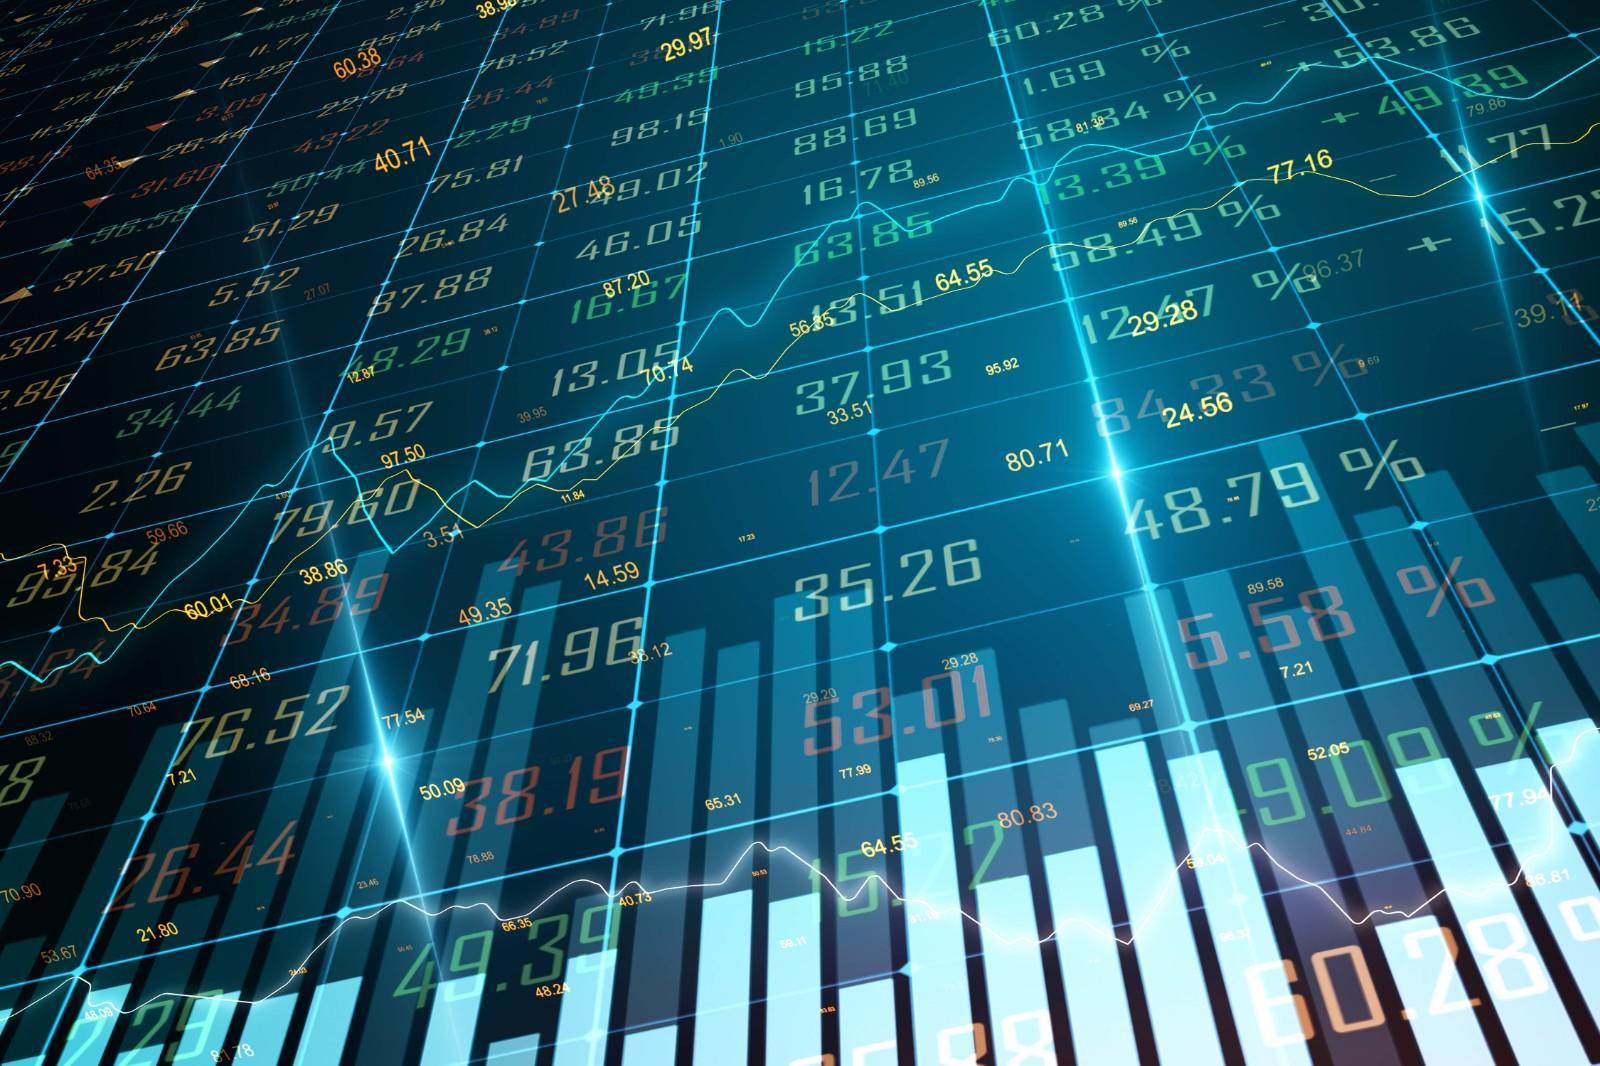 股指交易软件怎么选,有什么帮助?